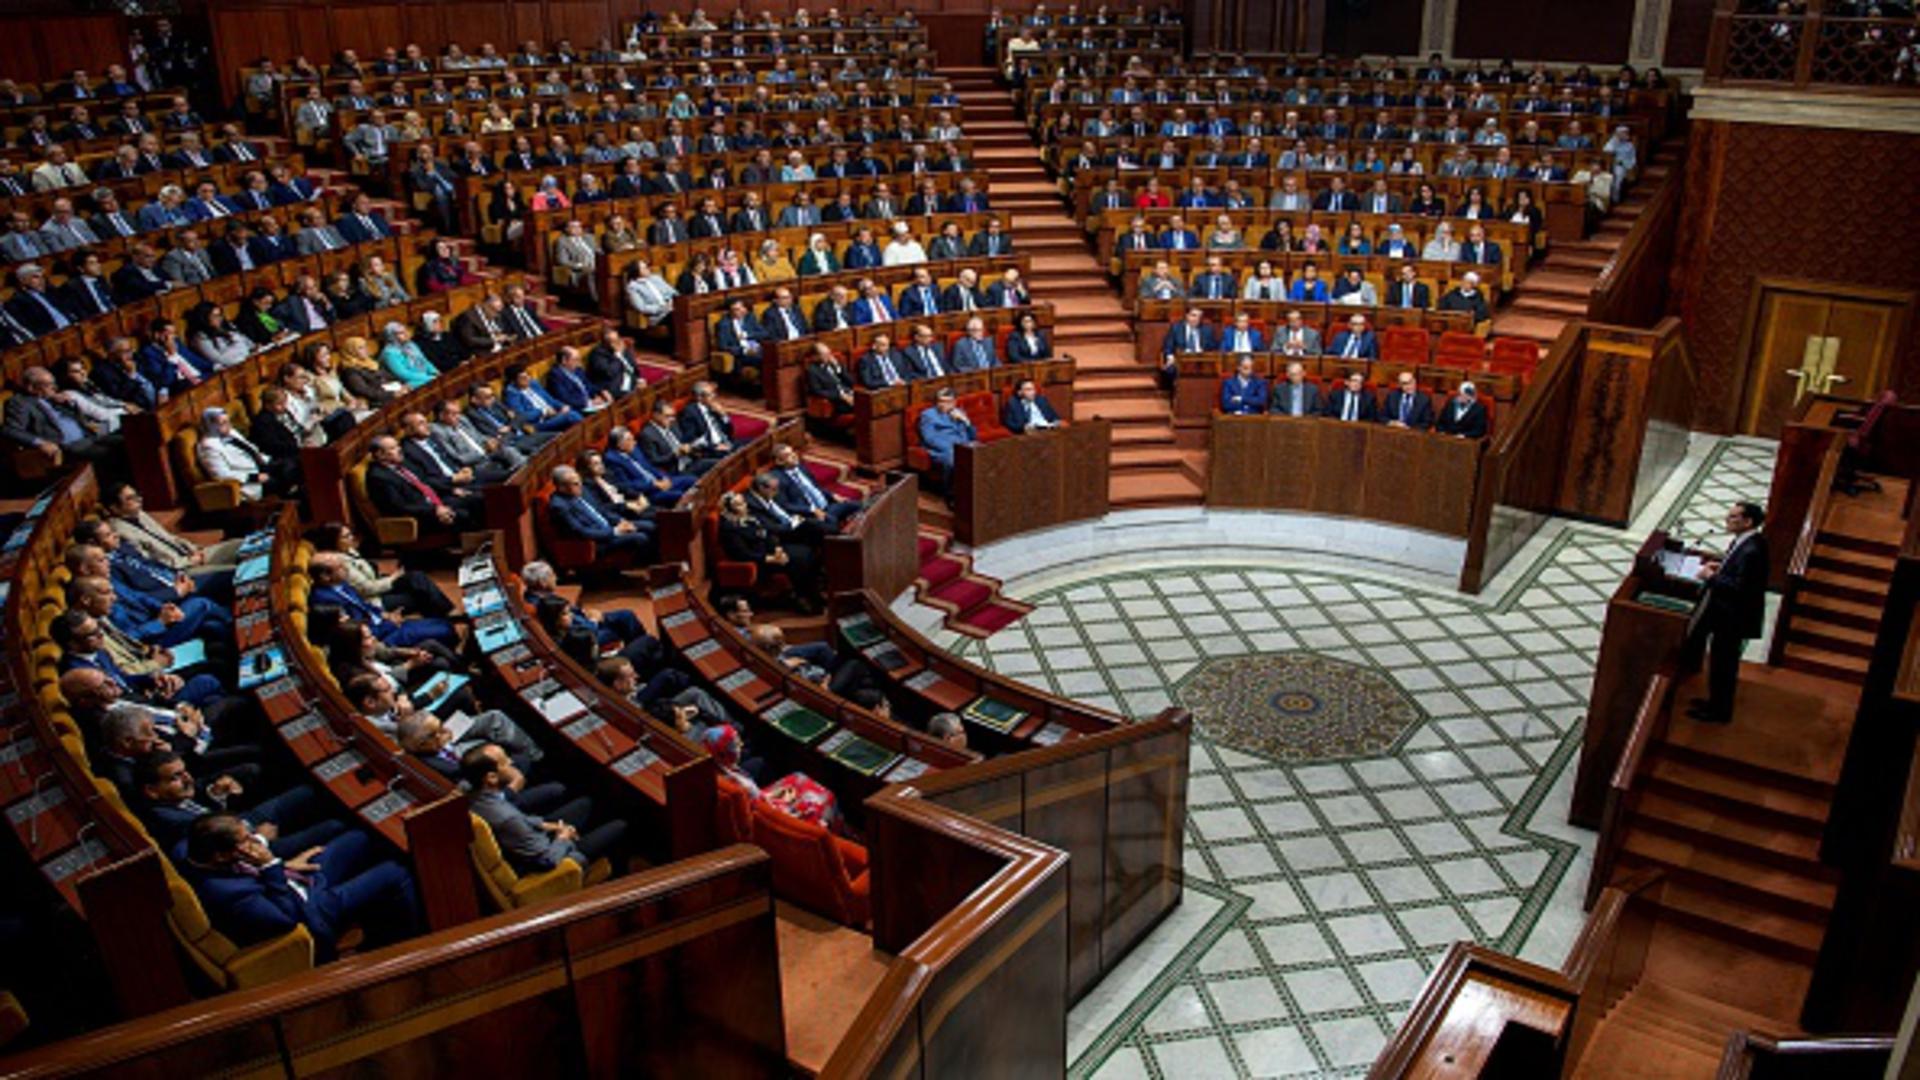 رسميا.. الحكومة تدعو لعقد دورة استثنائية للبرلمان